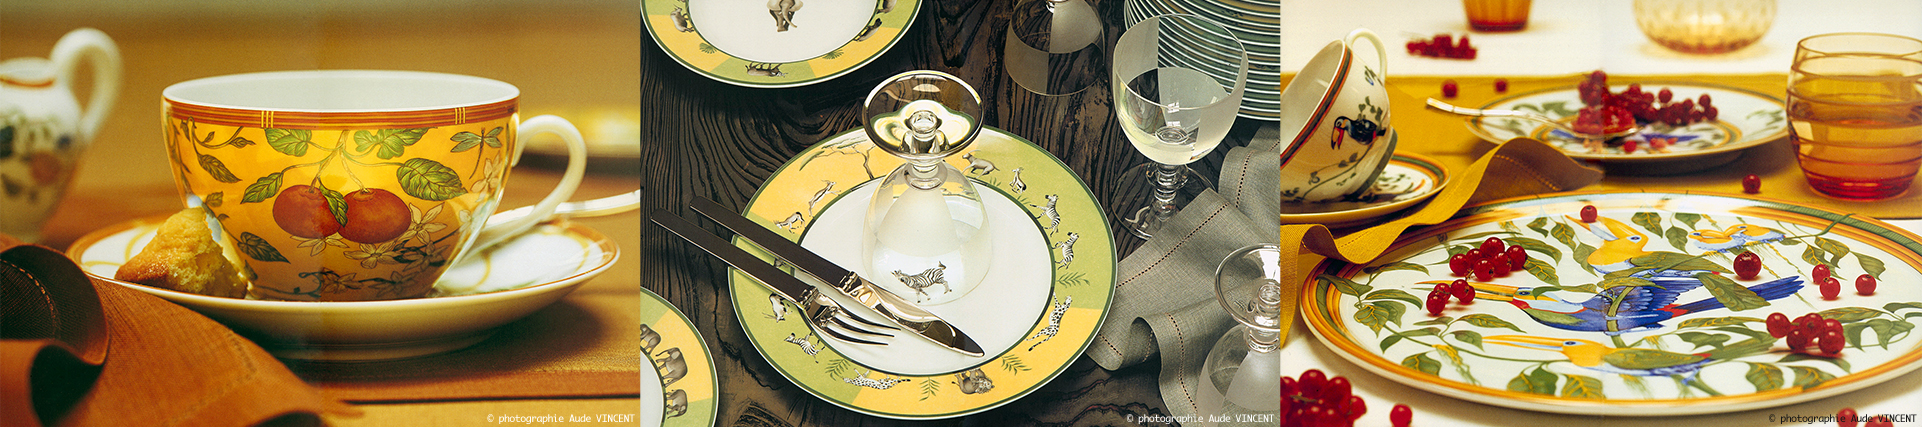 Photographies d'Art de la table, Hermès, service Africa, service Rythme et service Toucan.